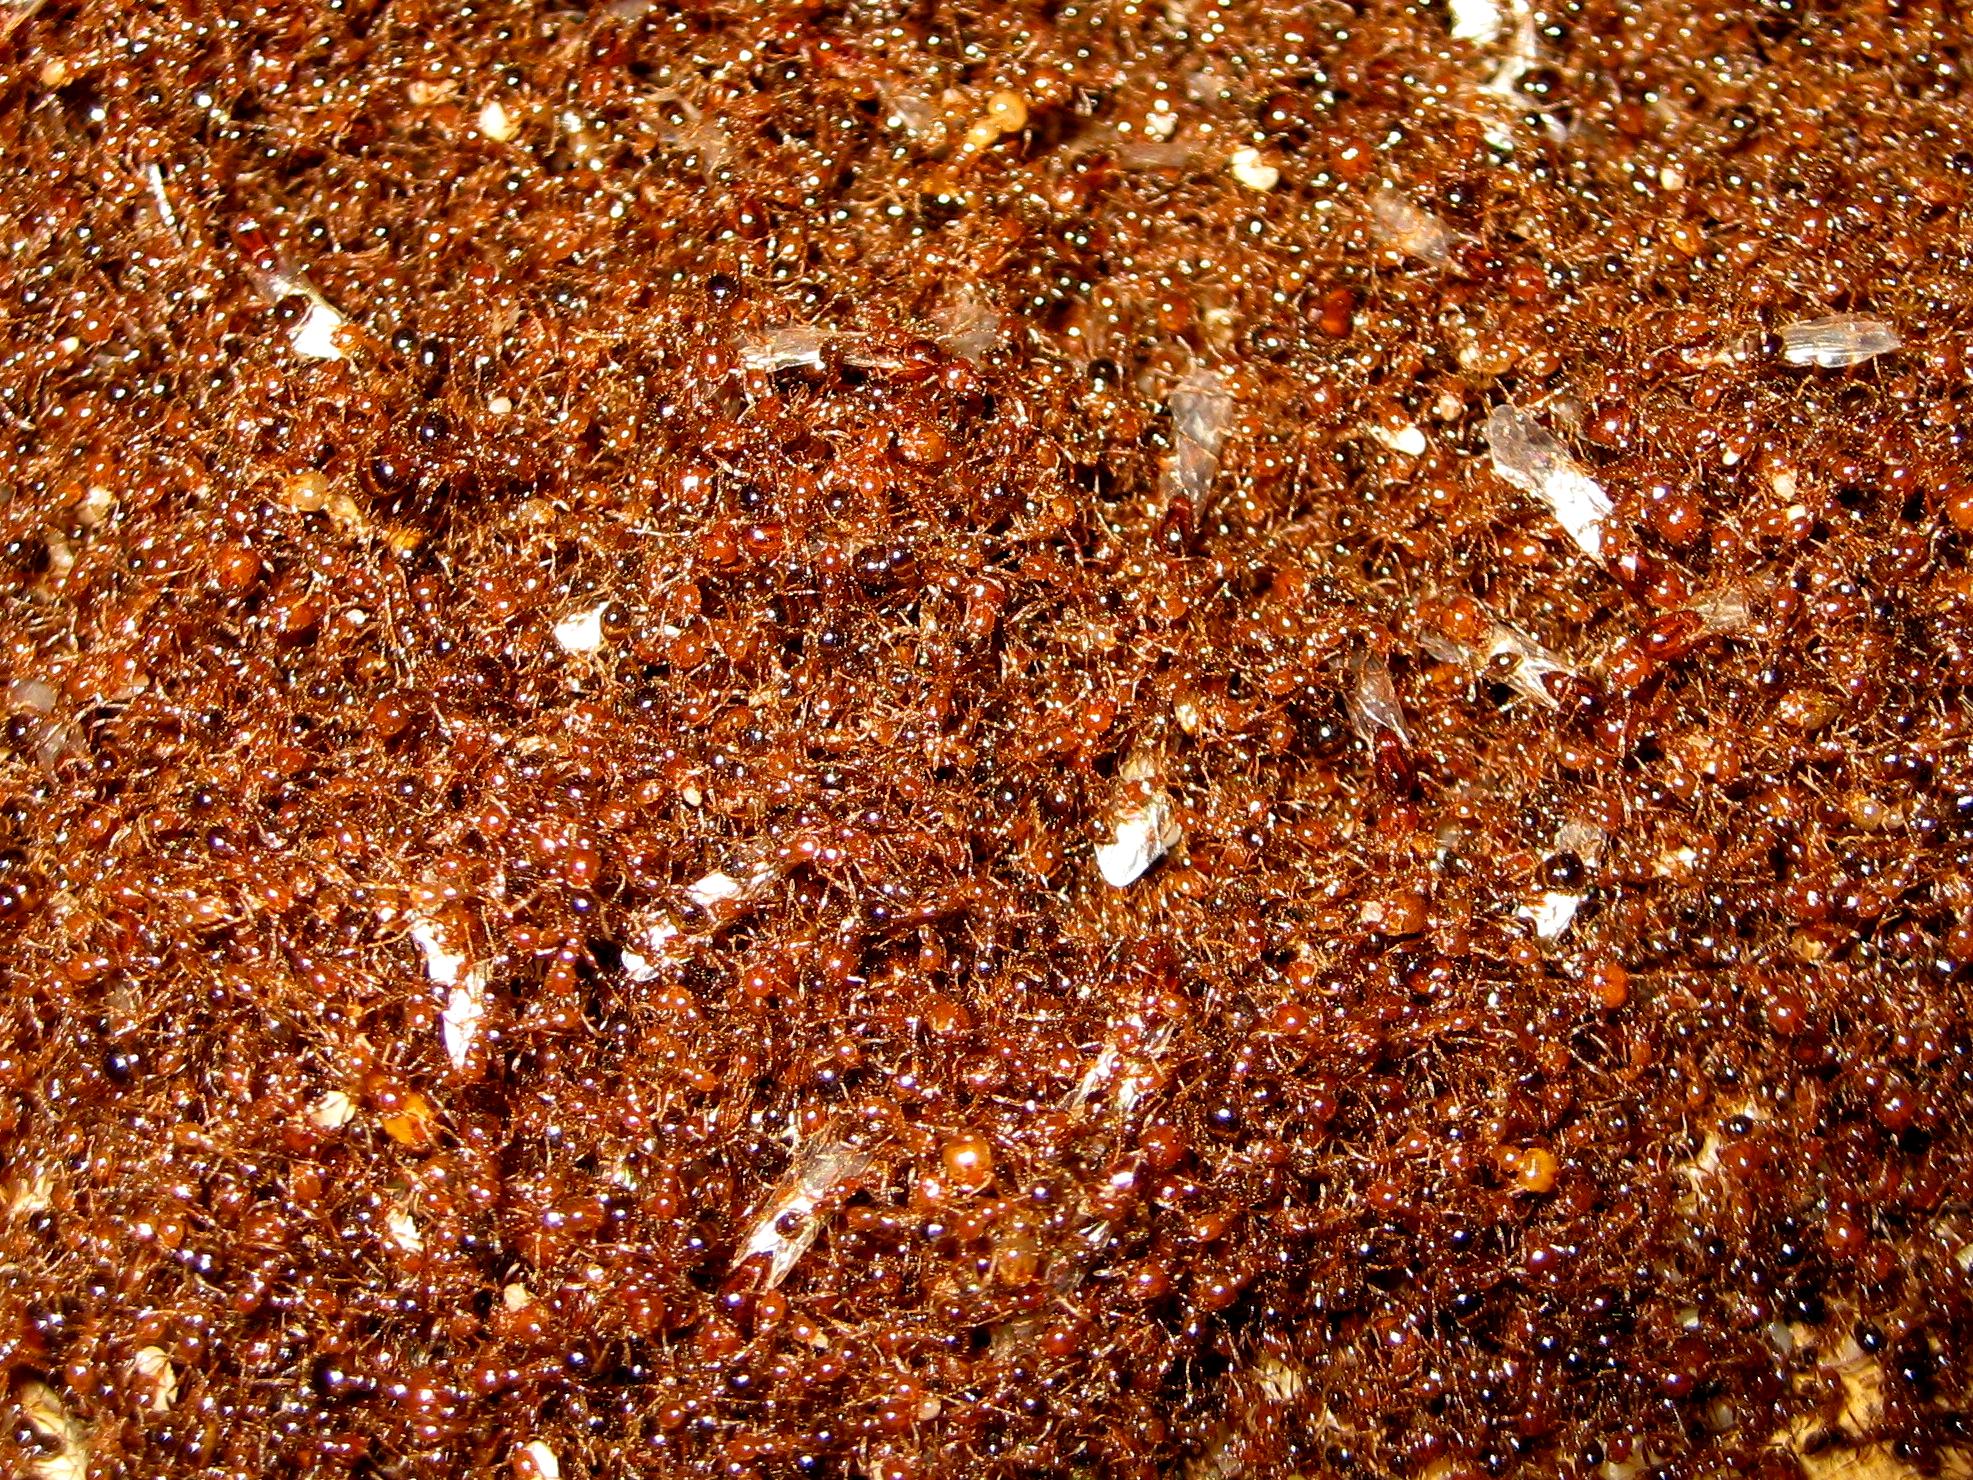 数量巨大的红火蚁群受访者供图